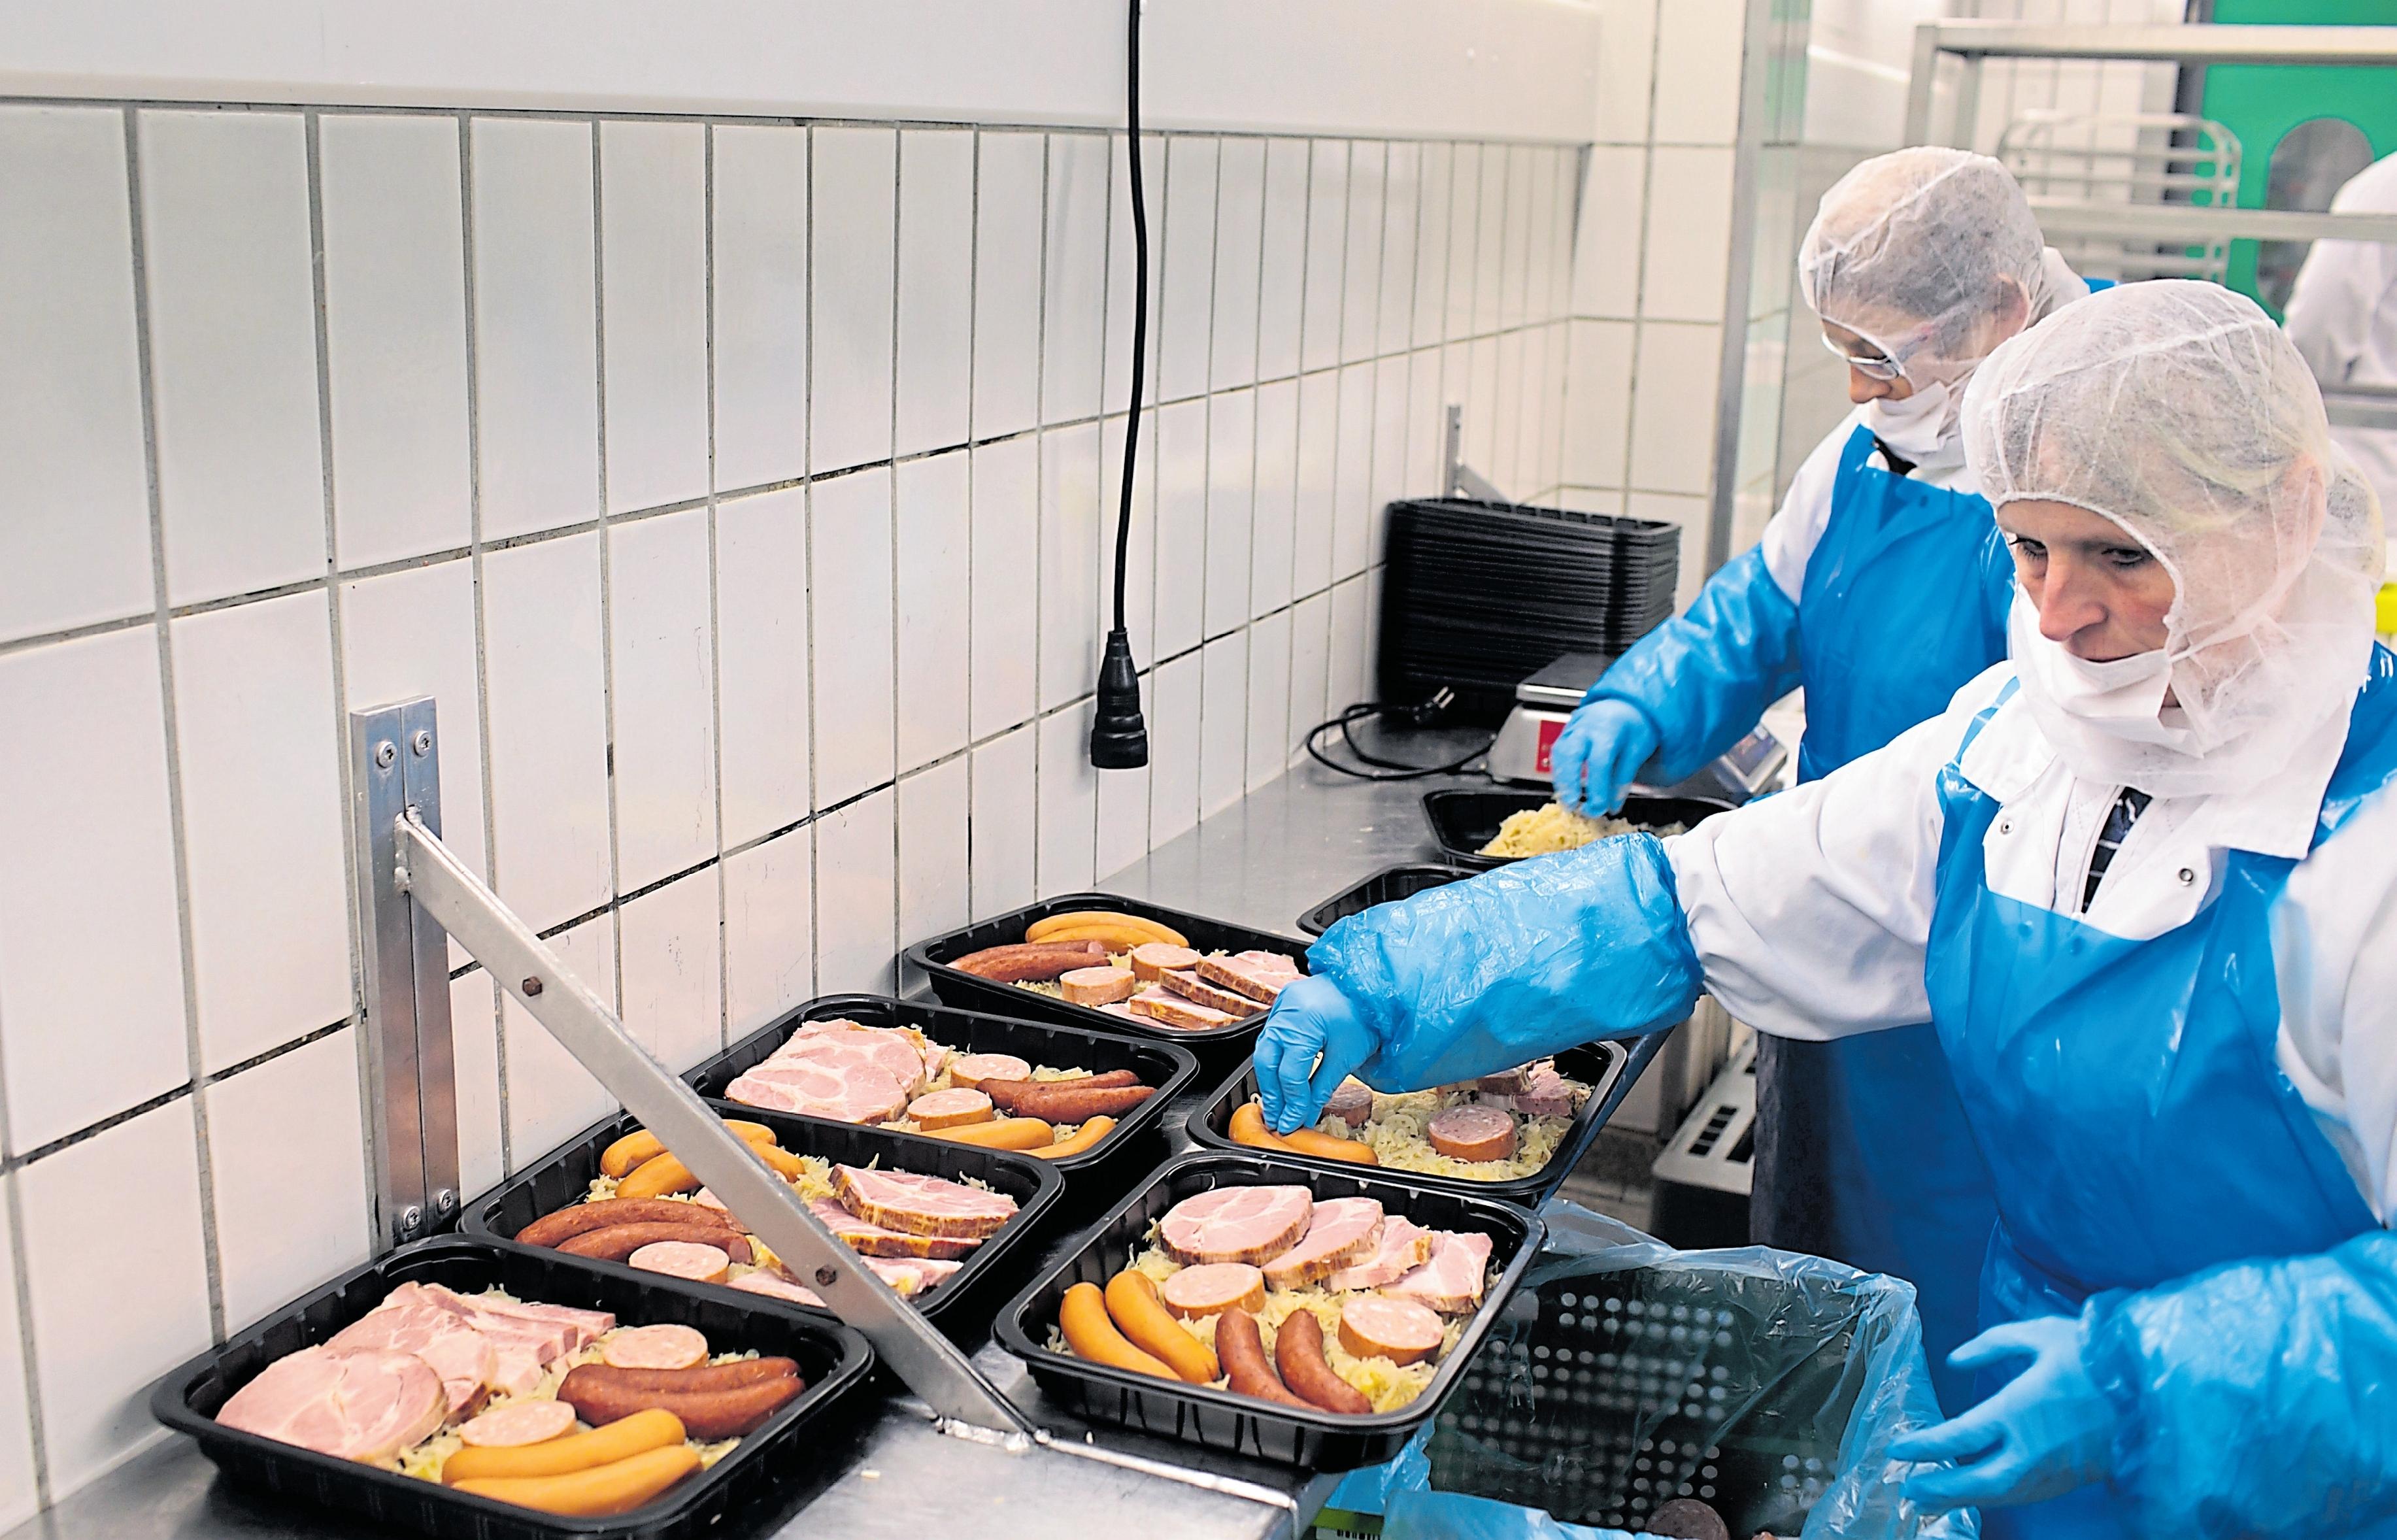 Die Mitarbeiter der Metzgerei bereiten die Choucroute als Fertiggericht in einer ein Kilo sowie in einer 500- Gramm-Variante vor. Die Kunden müssen diese nur noch in die Mikrowelle geben und genießen.